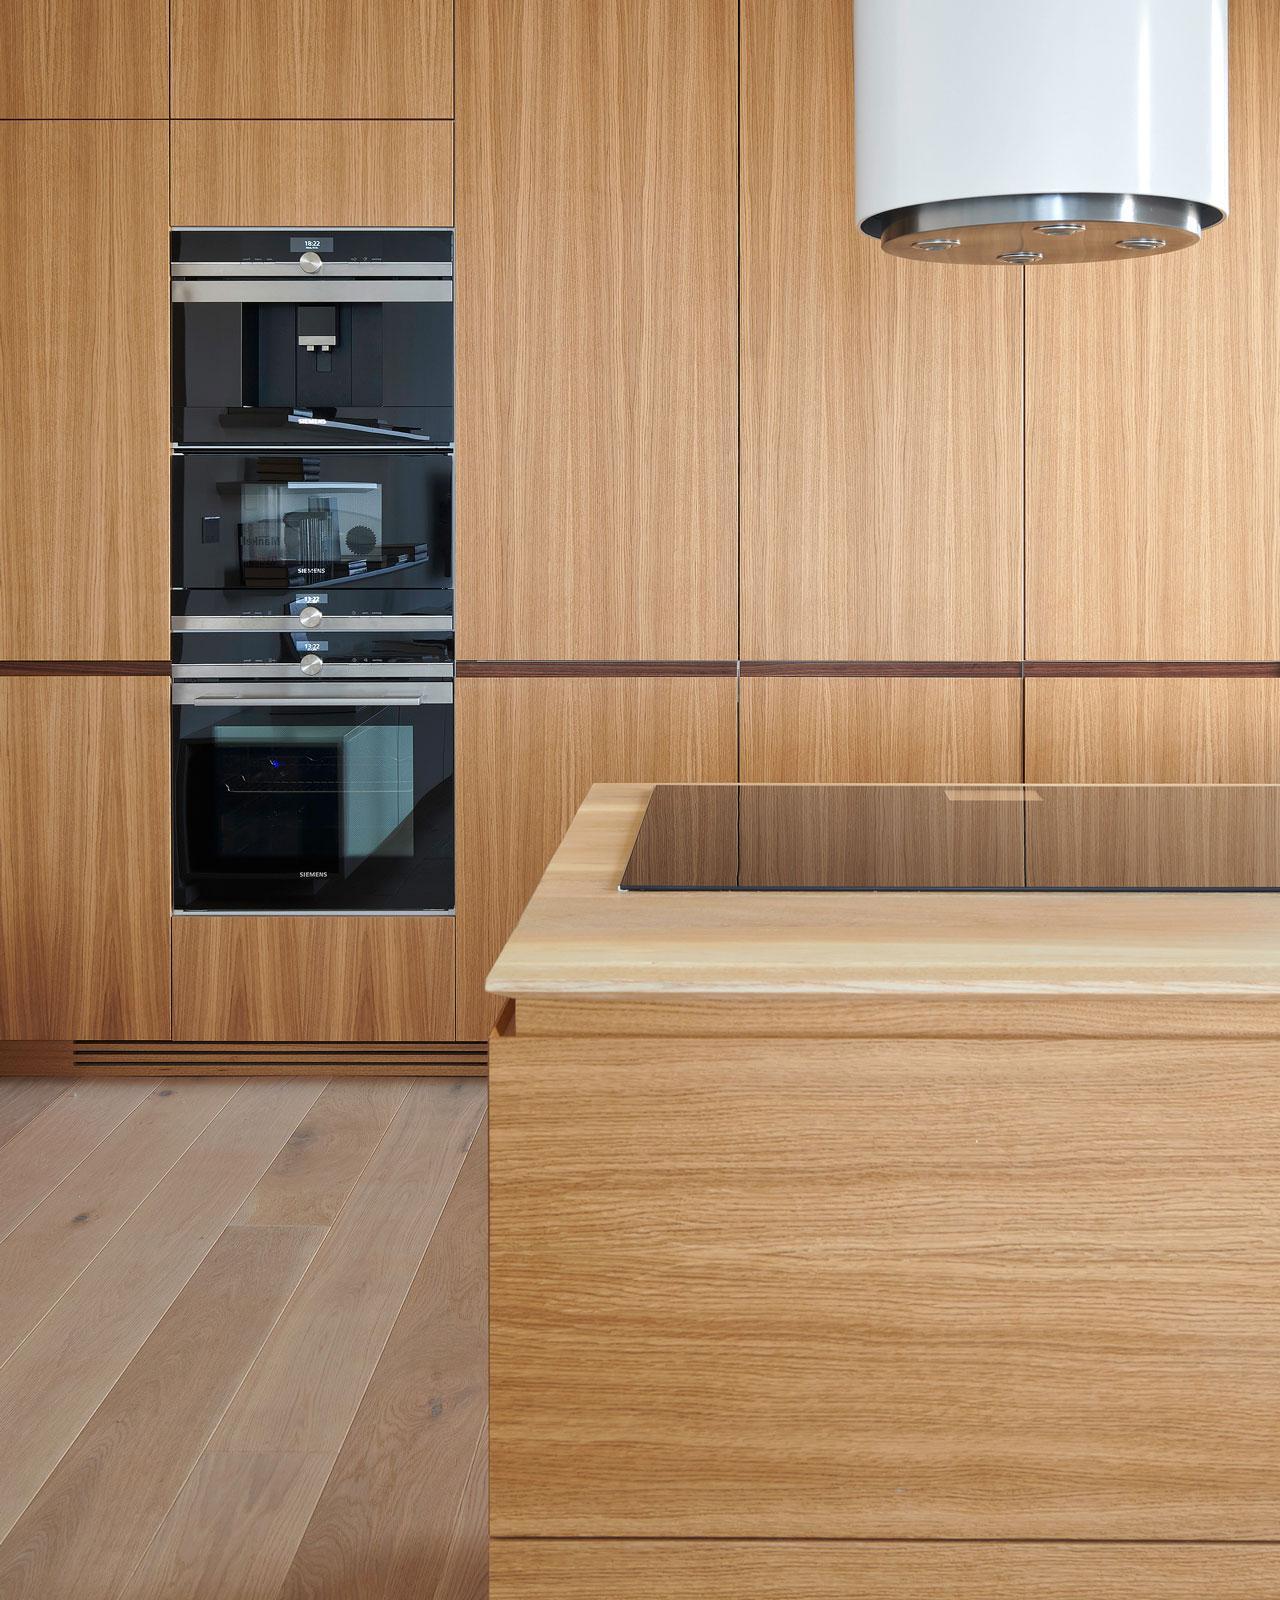 Poradte mi prosim, ktory odtien drevodekoru z lamina by sa podobal na inspiraciu kuchyne z obrazka. Kuchyna je v dyhe, ale cenovo je to drahsie, tak zhanam lacnejsi variant. - Obrázok č. 1